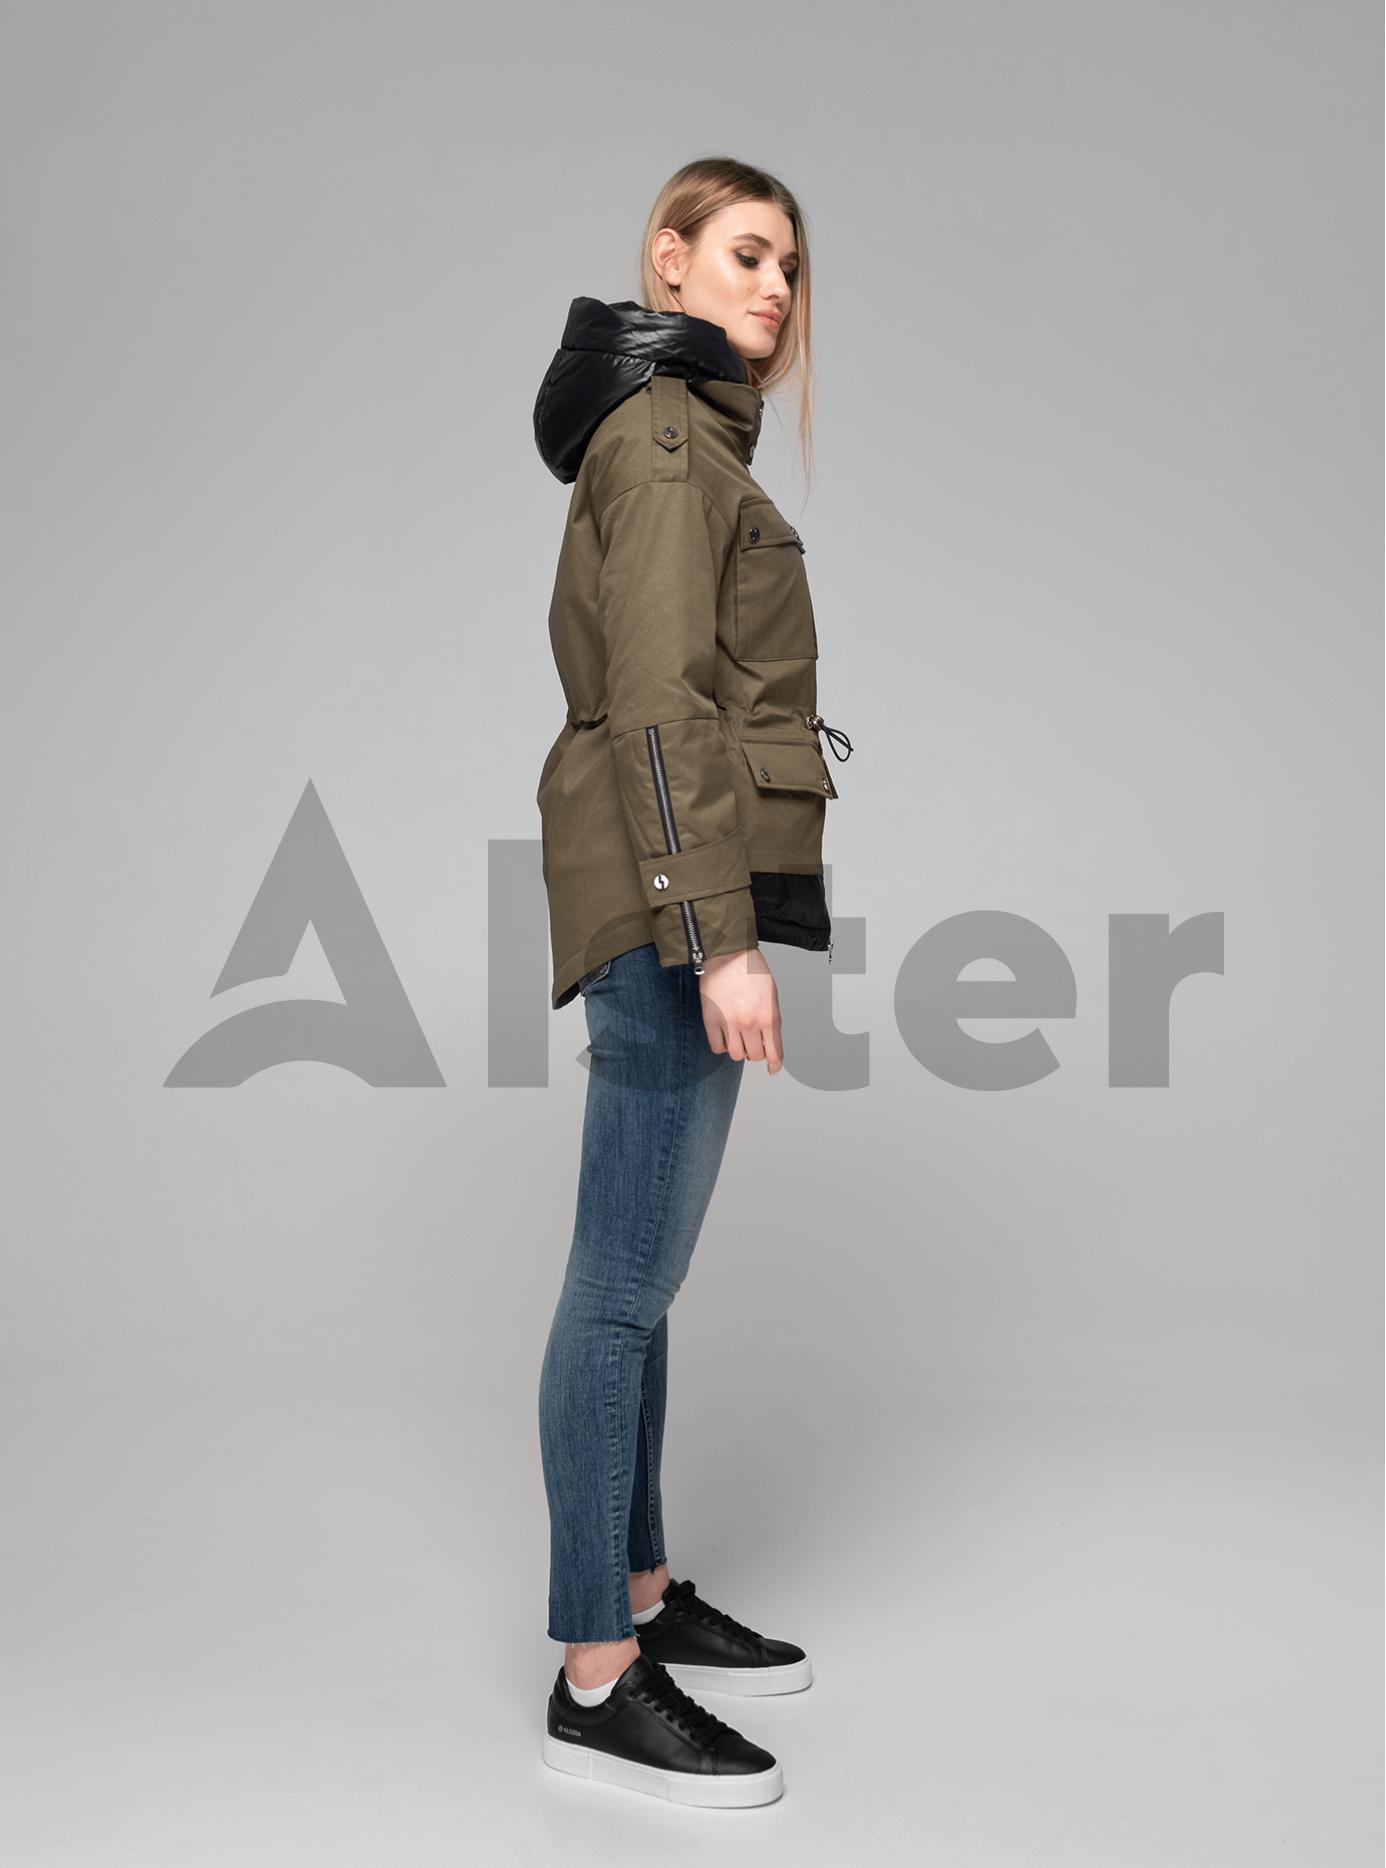 Куртка демисезонная короткая с капюшоном Хаки M (02-V191043): фото - Alster.ua